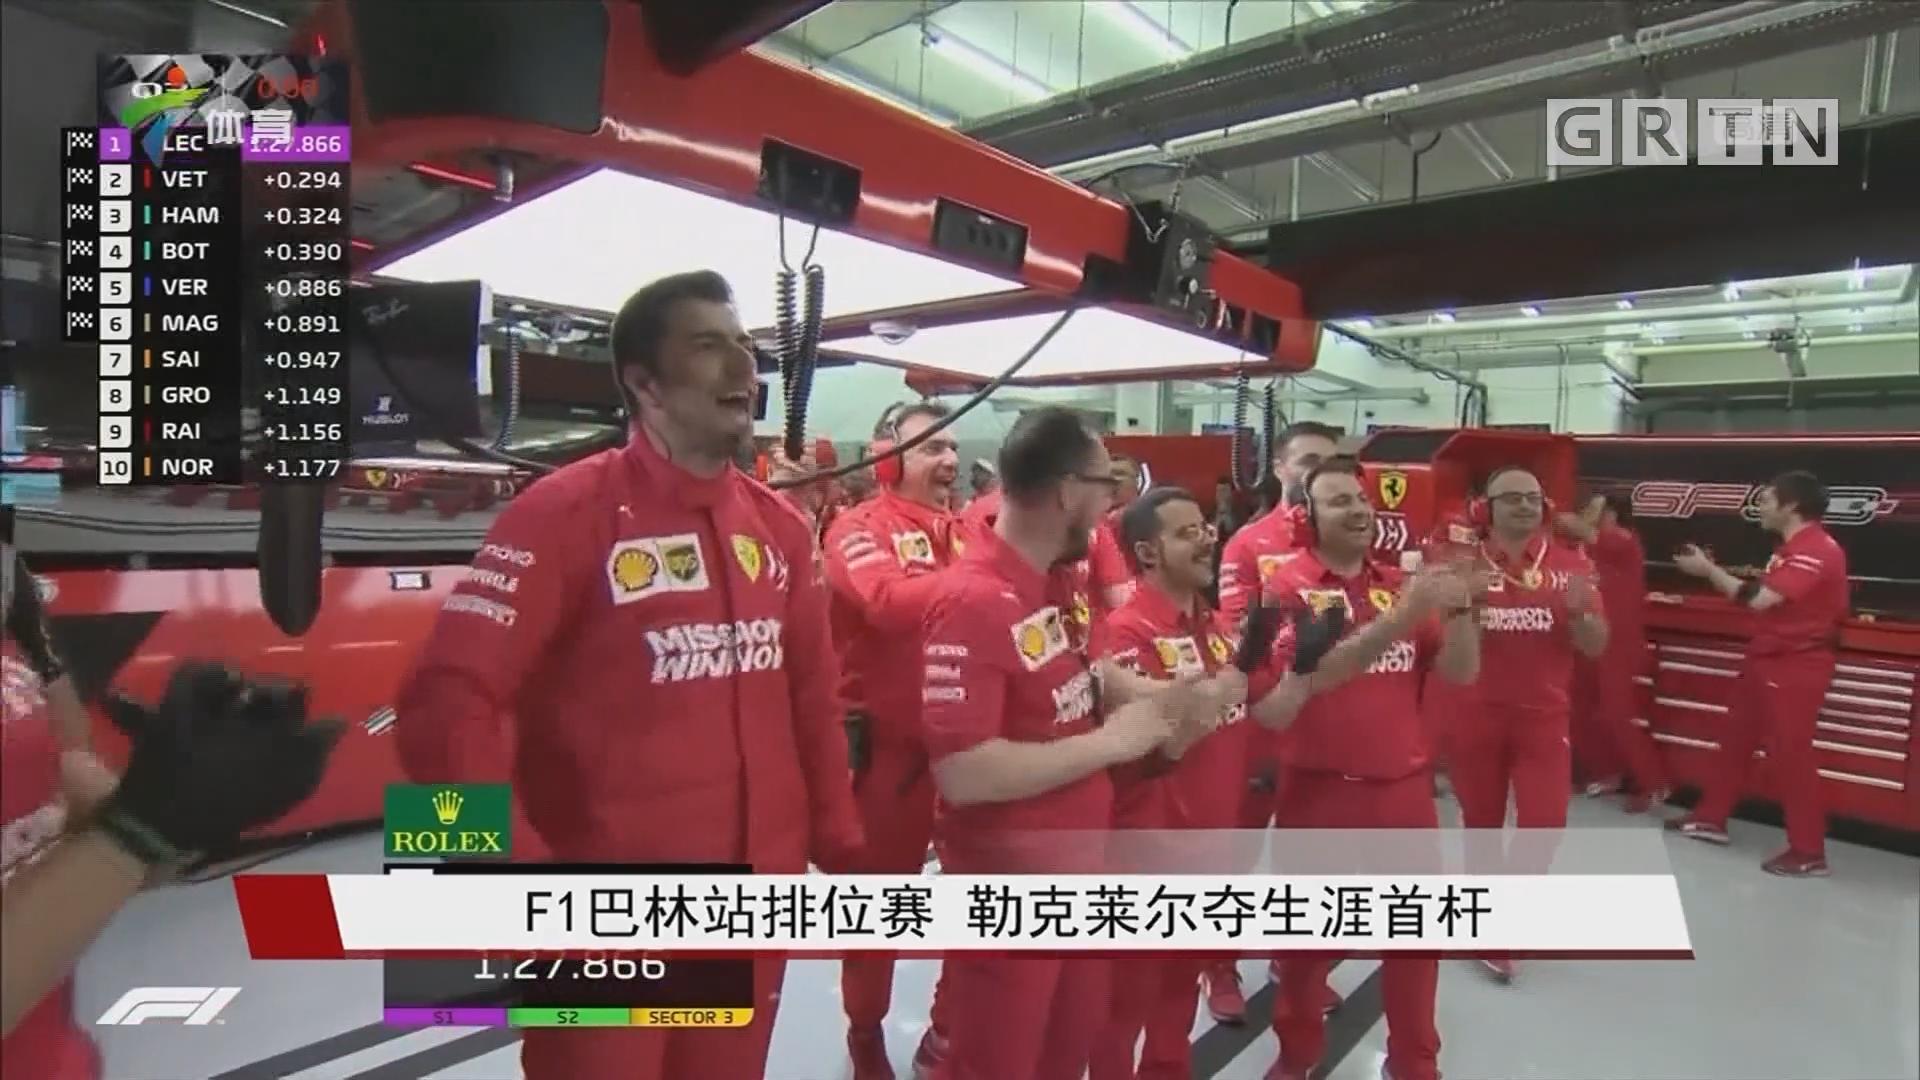 F1巴林站排位赛 勒克莱尔夺生涯首杆